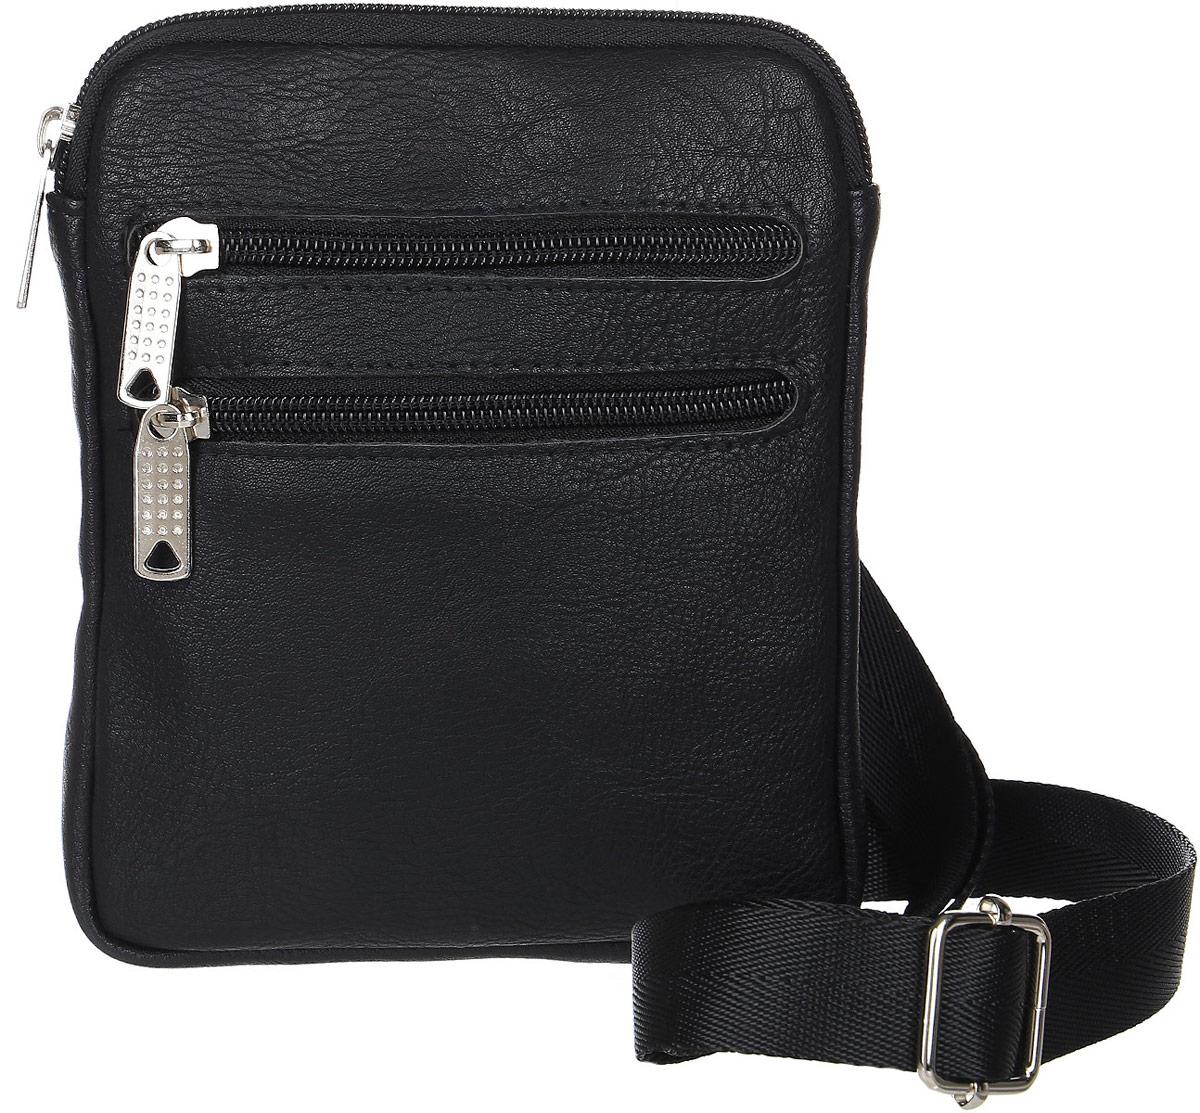 Сумка мужская Аntan, цвет: черный. 46700188612814670018861281Стильная мужская сумка Аntan выполнена из искусственной кожи. Сумка имеет одно основное отделение, закрывающееся на застежку-молнию. Внутри модель имеет прорезной карман на застежке-молнии и накладной открытый карман. Задняя и передняя сторона сумки дополнены врезными карманами на молнии. Изделие оснащено плечевым ремнем.